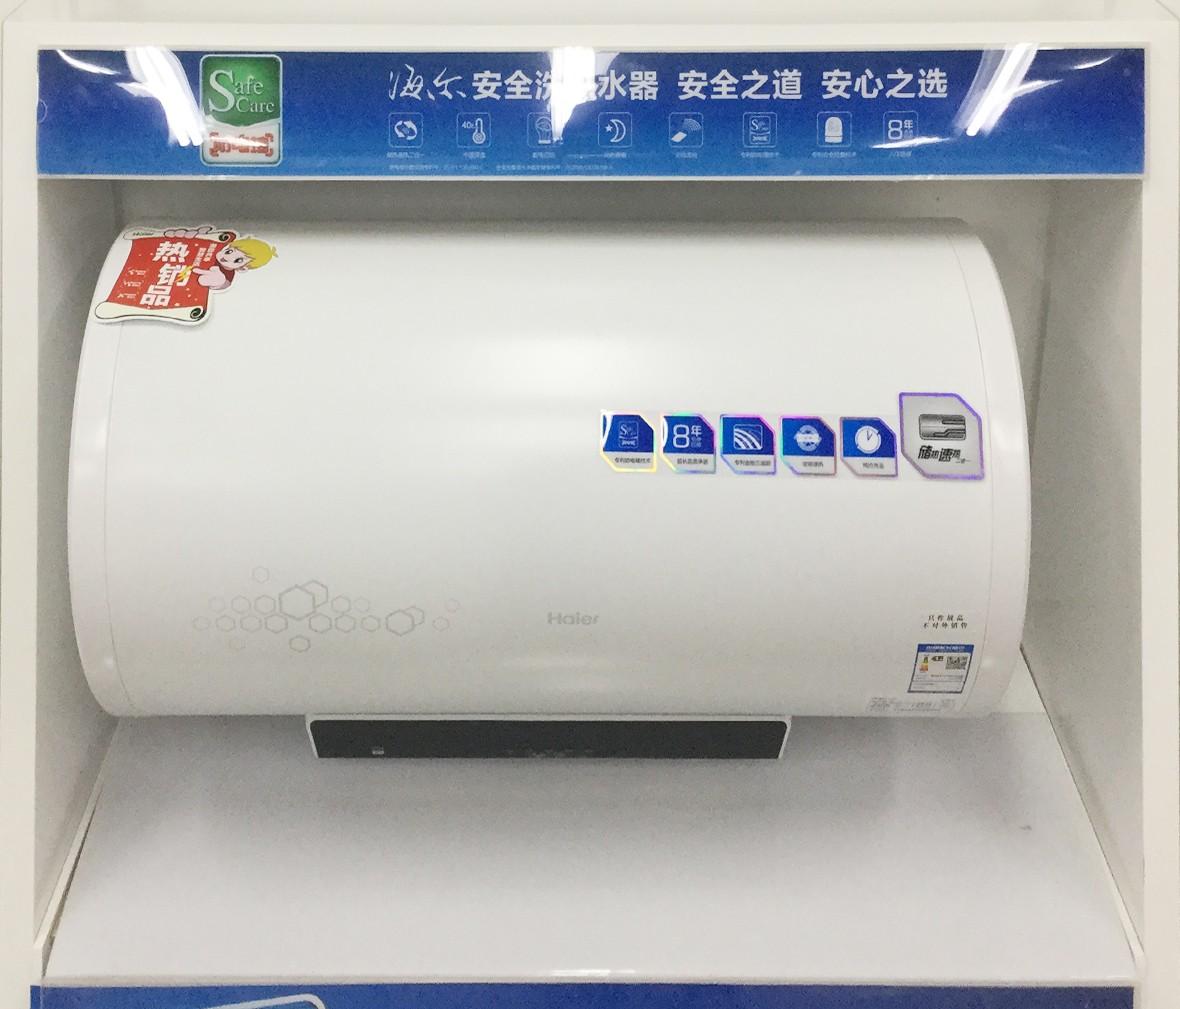 海尔es60h-j1型号电热水器 一级能效60l热水器 横式电